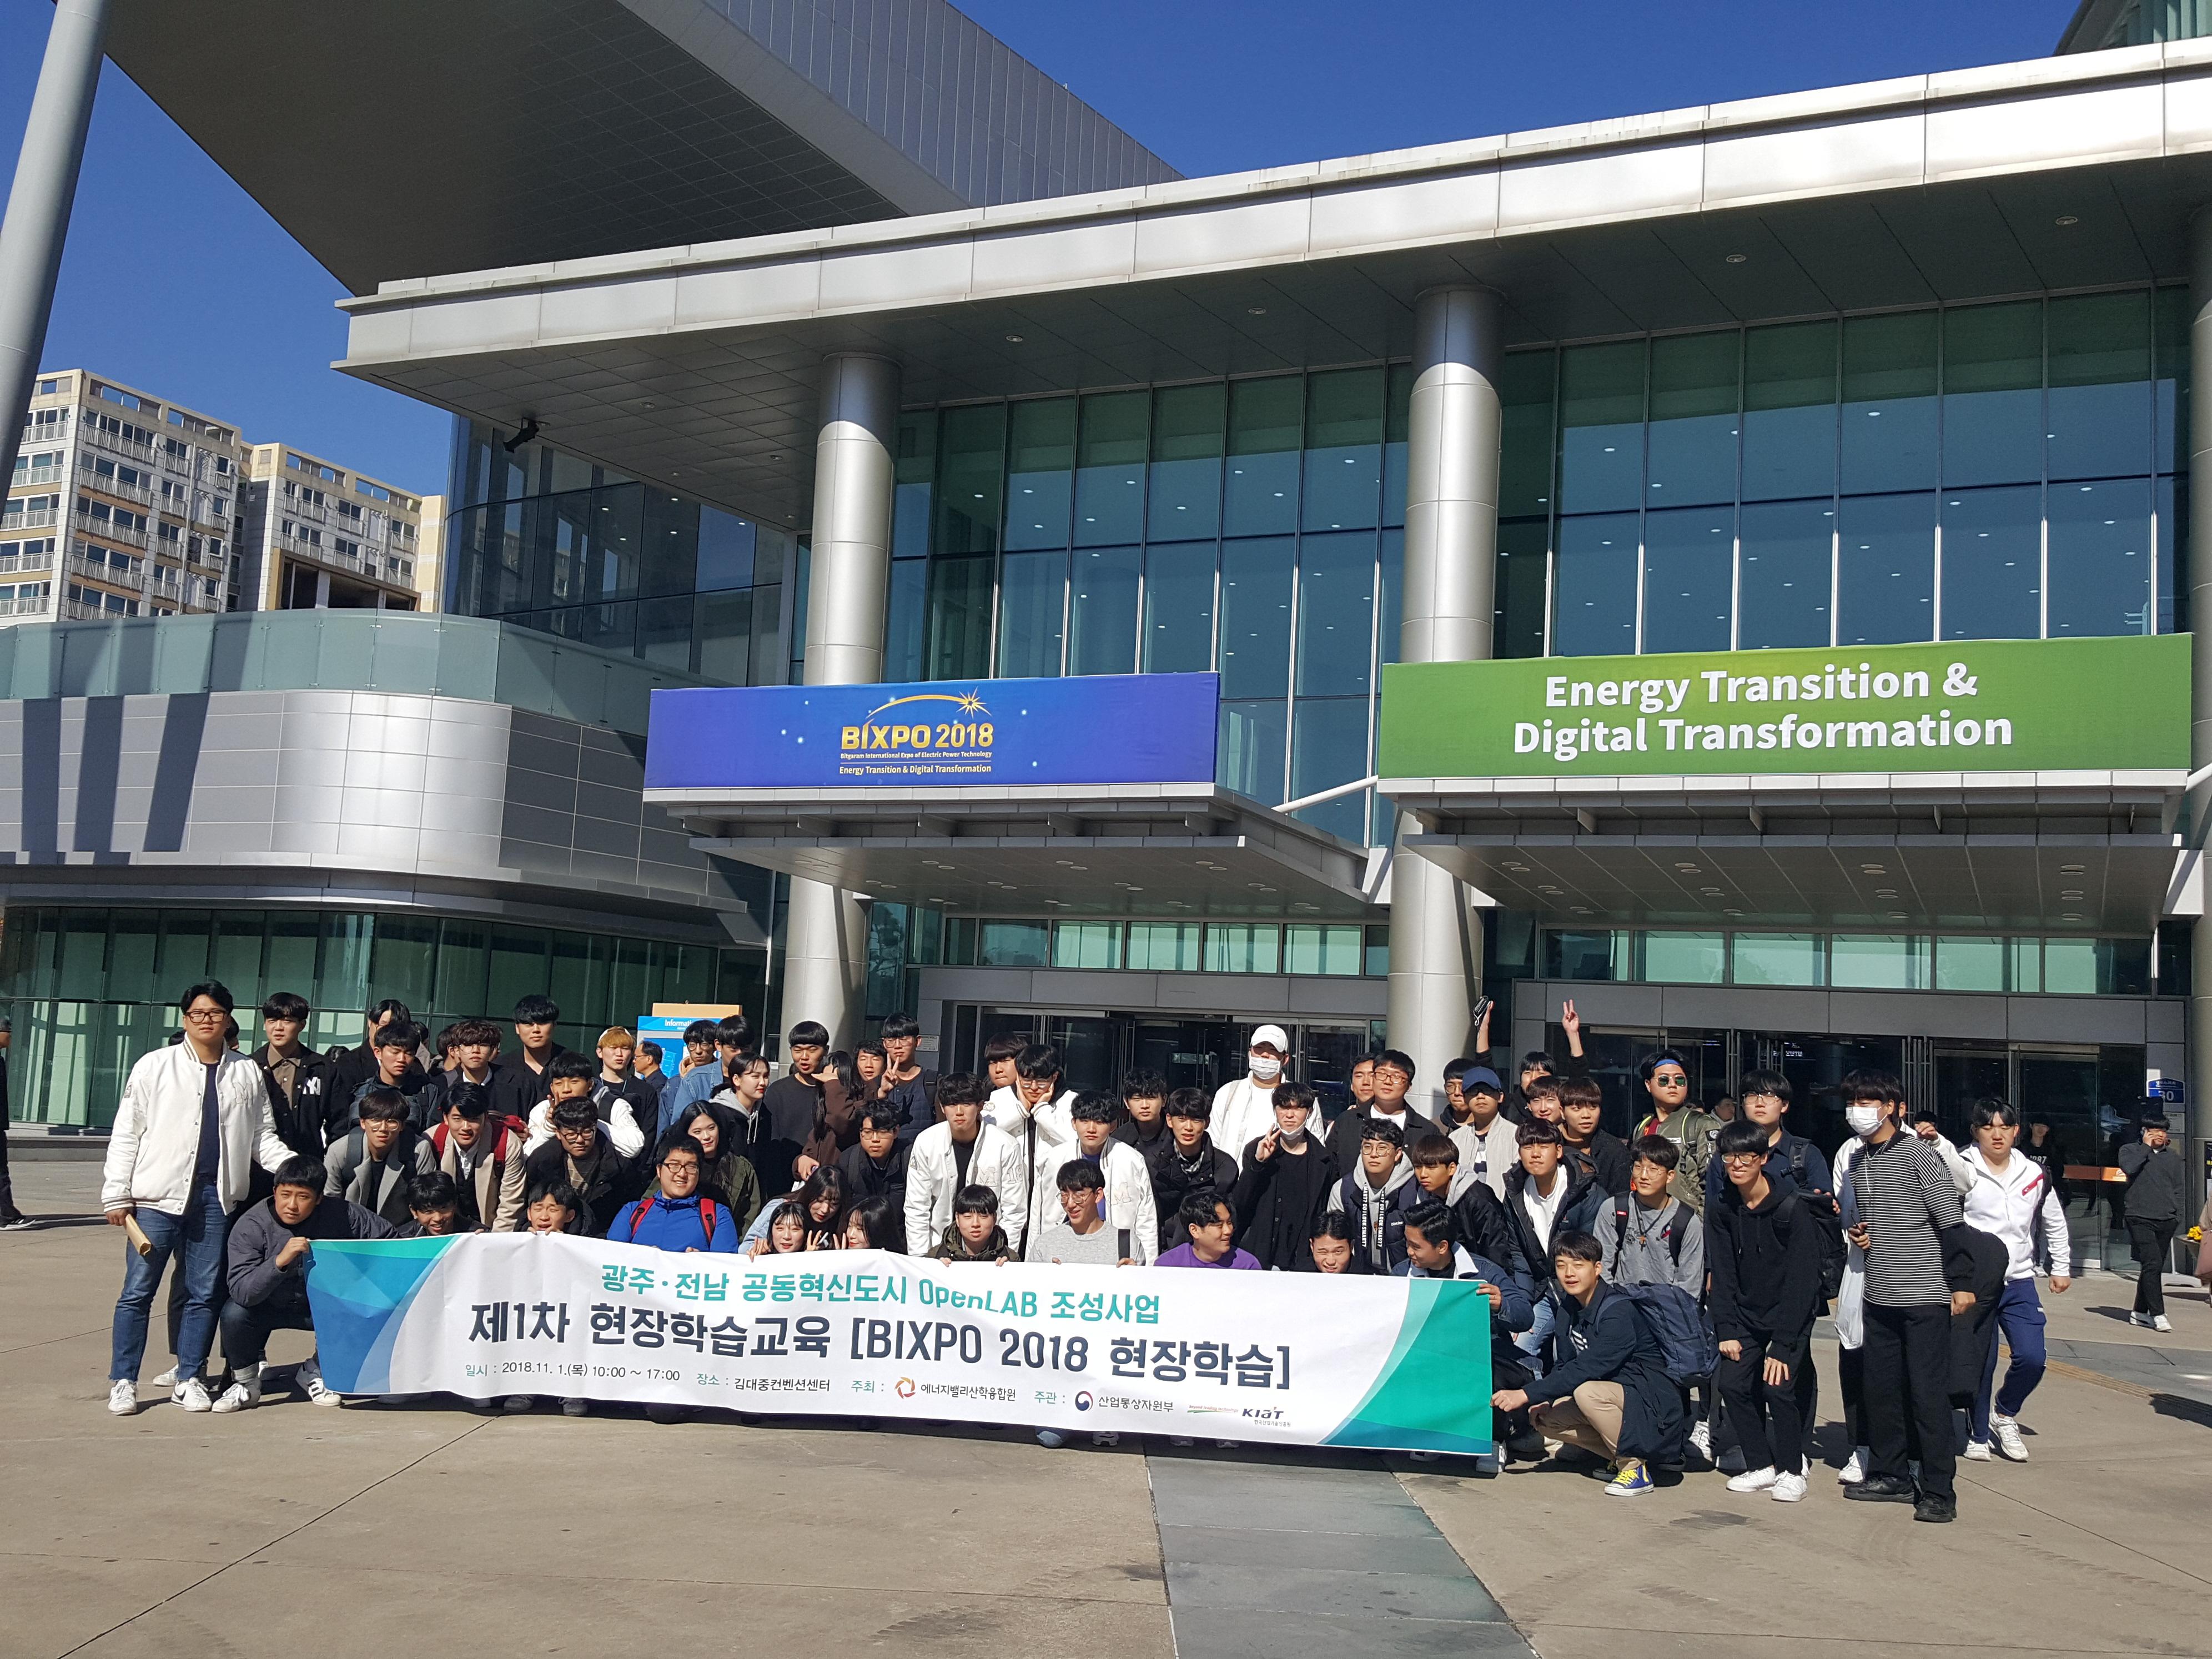 2018 -2 교외교육(BIXPO2018 참여...